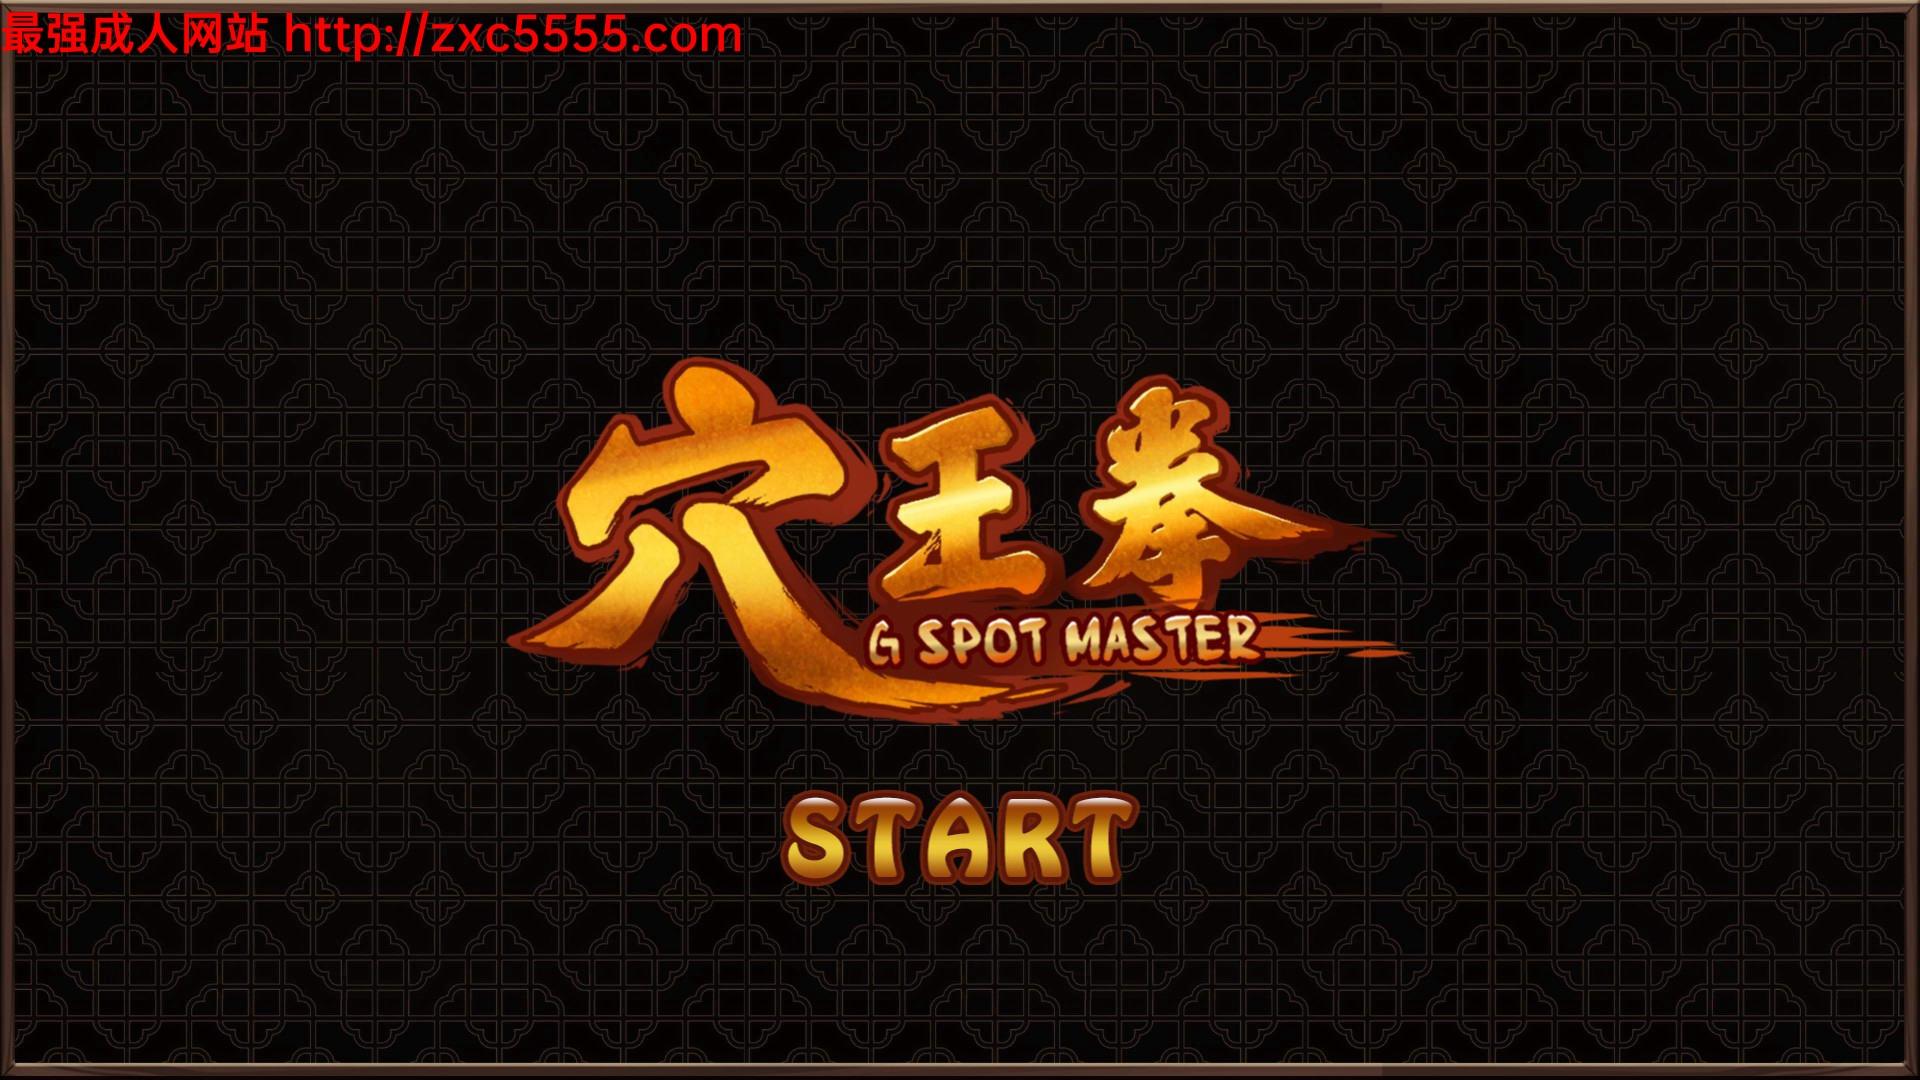 【武侠SLG/中文】穴王拳:GSpot Master!官方中文步兵版【300M】